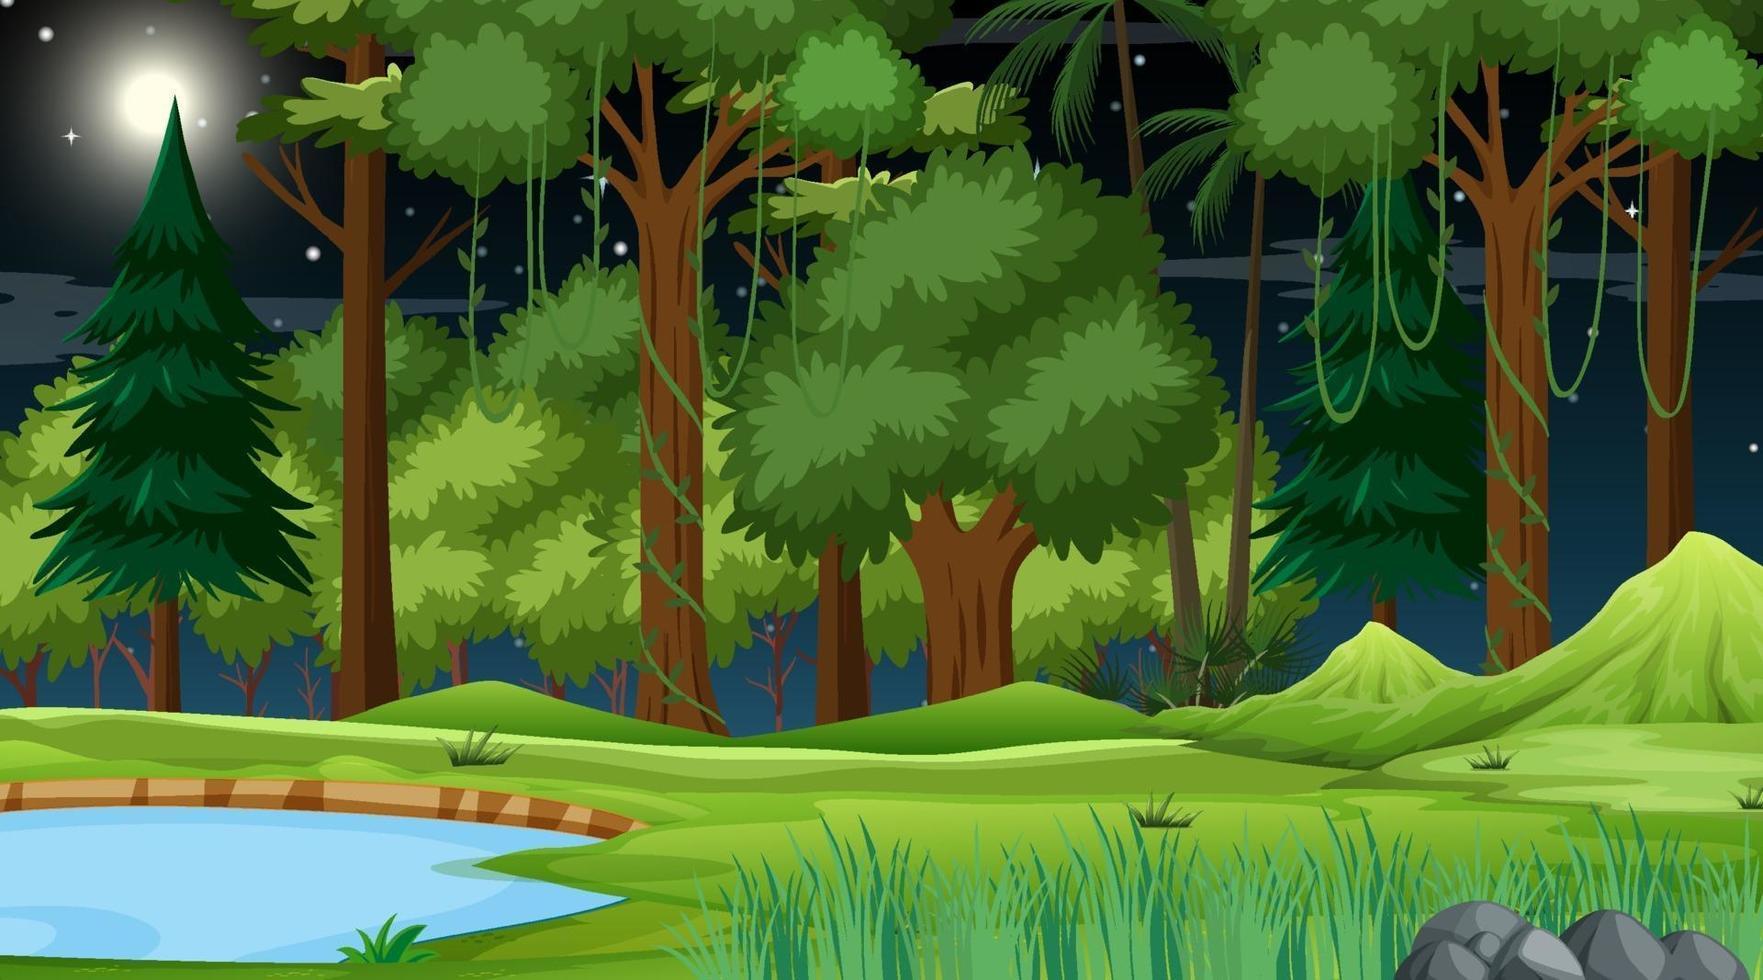 cena da natureza da floresta com lago e muitas árvores à noite vetor